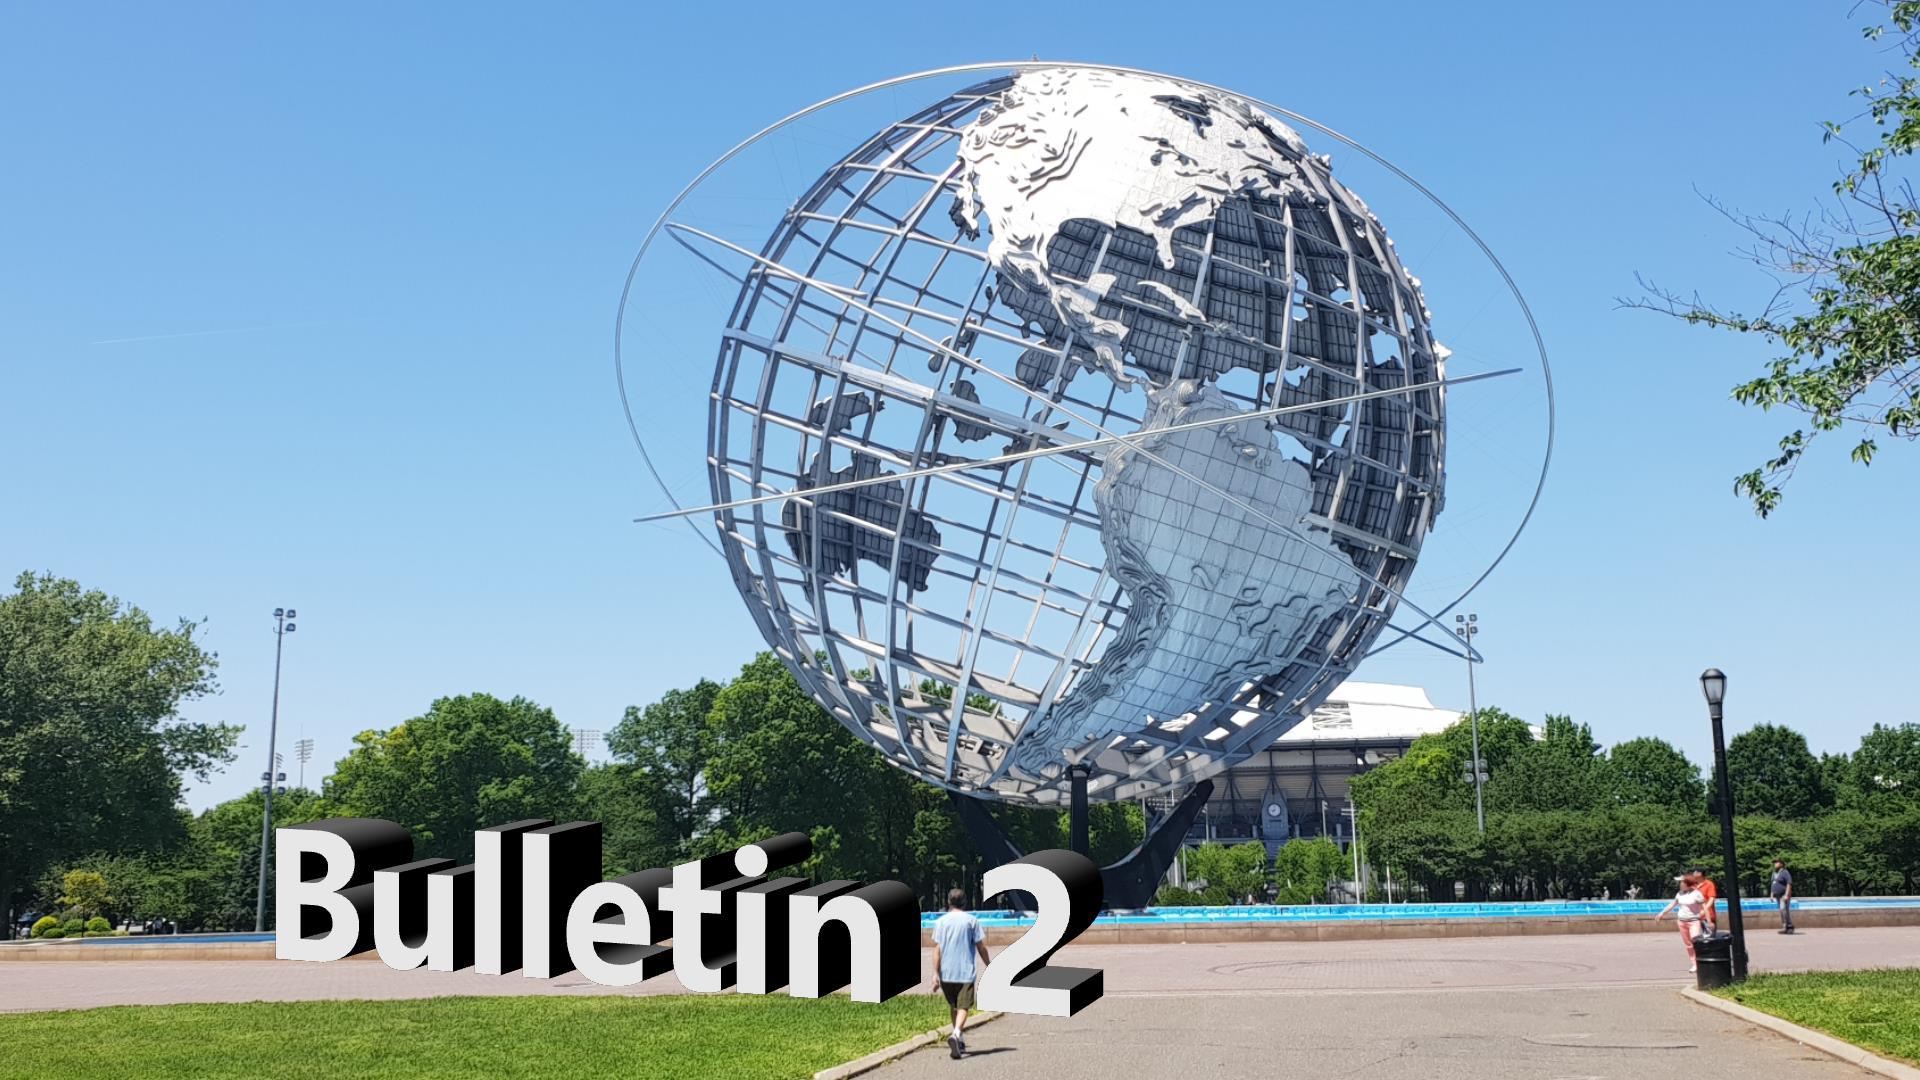 Bulletin 2, May 22